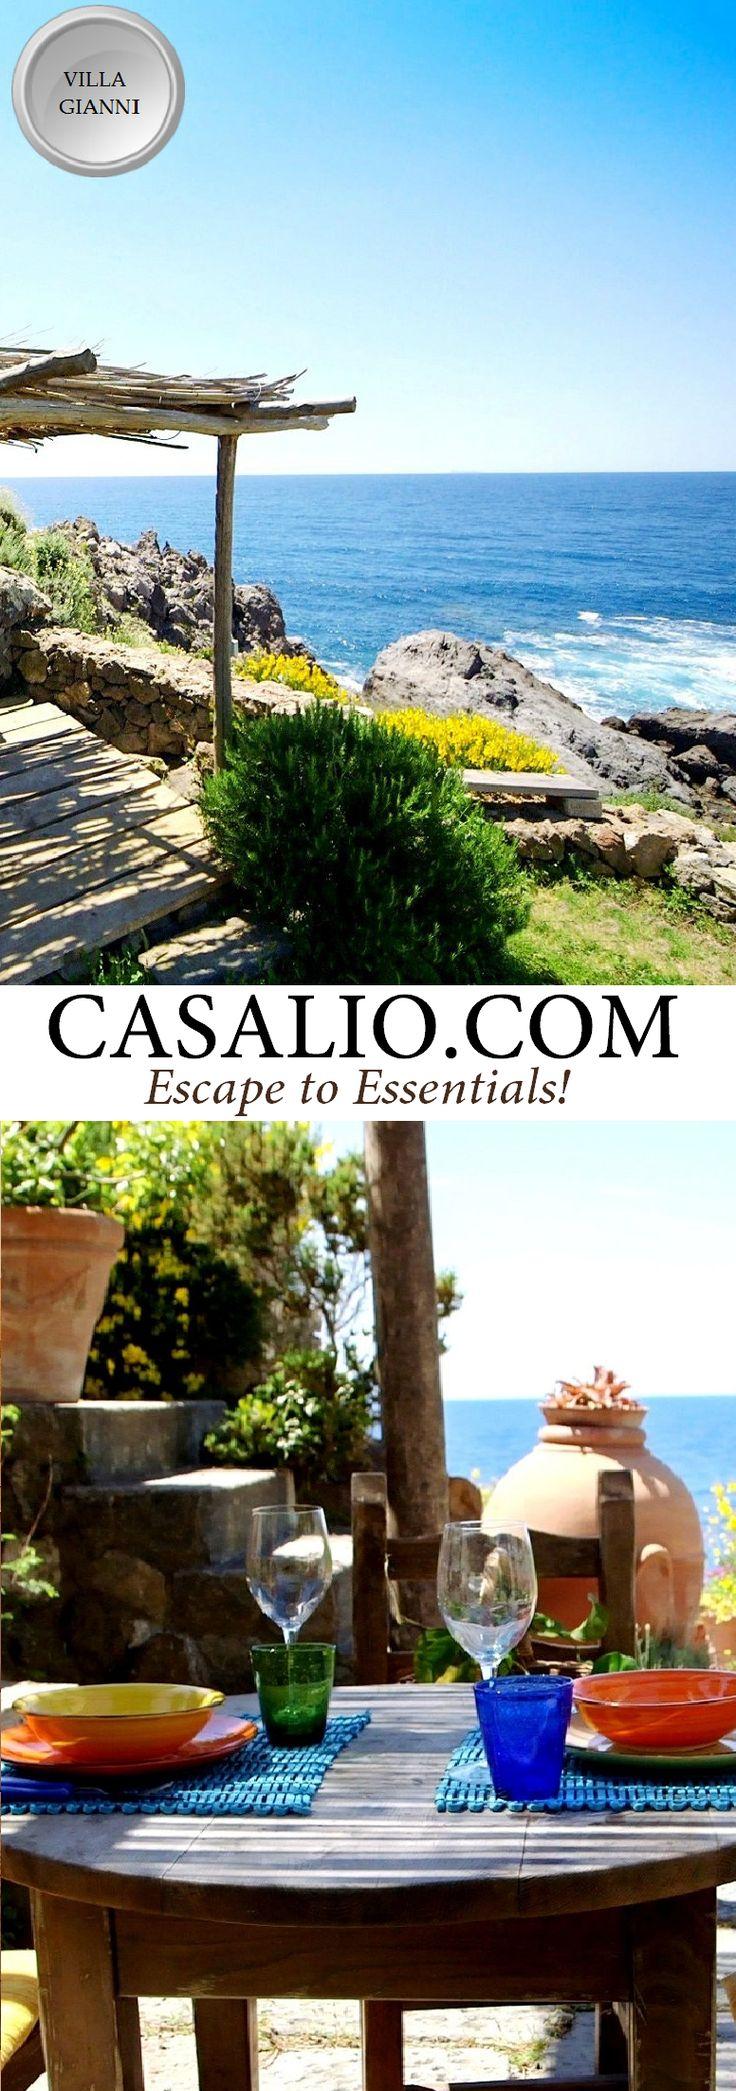 Ischia Luxury Villas    Villa Gianni    Island of Ischia, Italy    Villa Gianni is…